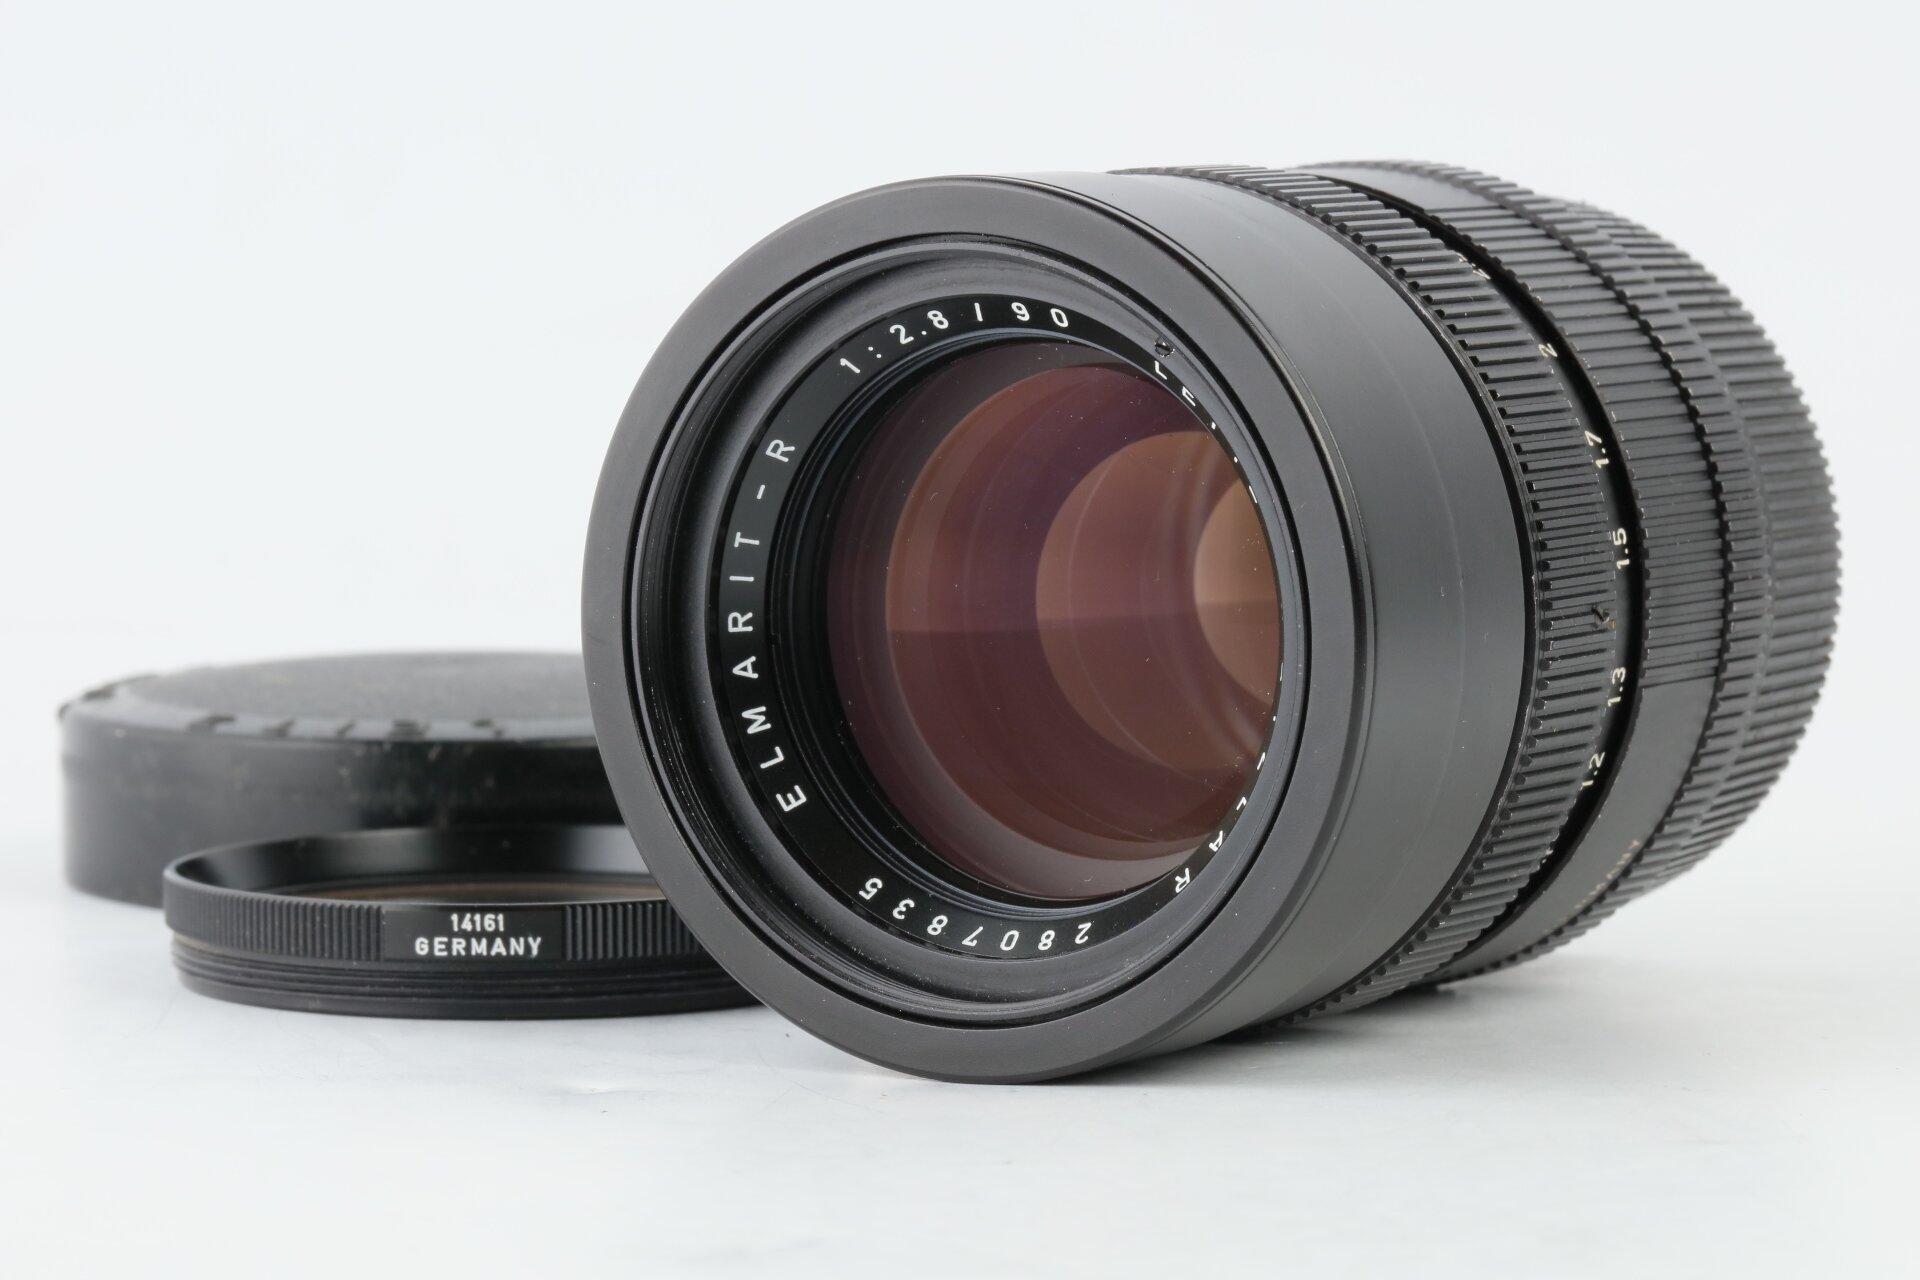 Leica Elmarit-R 2,8/90 3CAM